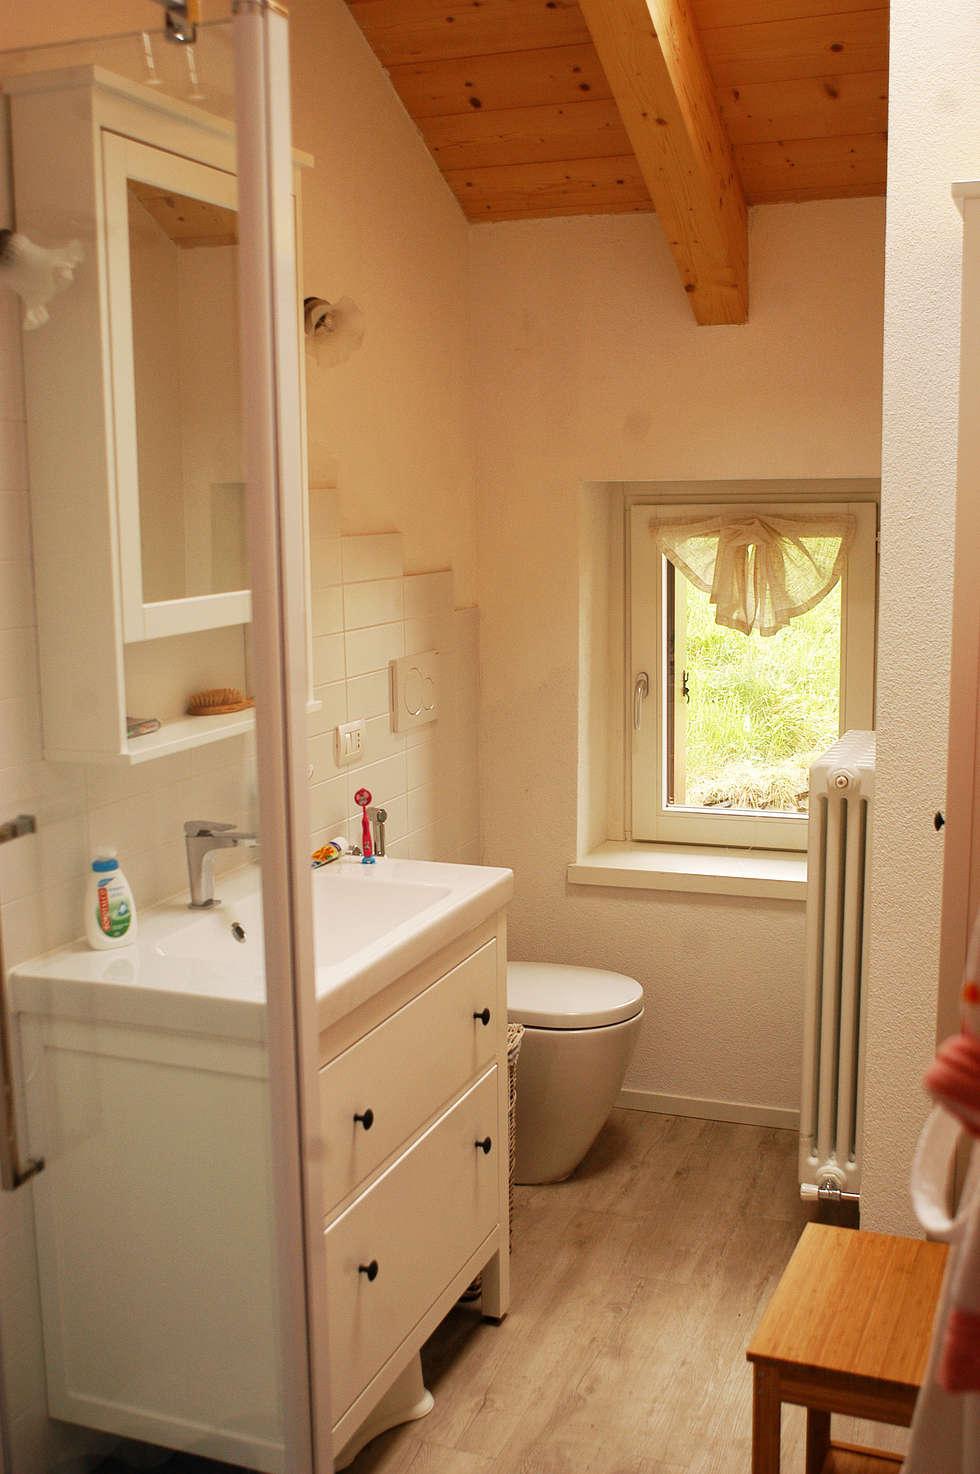 Il bagno.: Bagno in stile in stile Moderno di Architettura & Urbanistica Architetto Dario Benetti